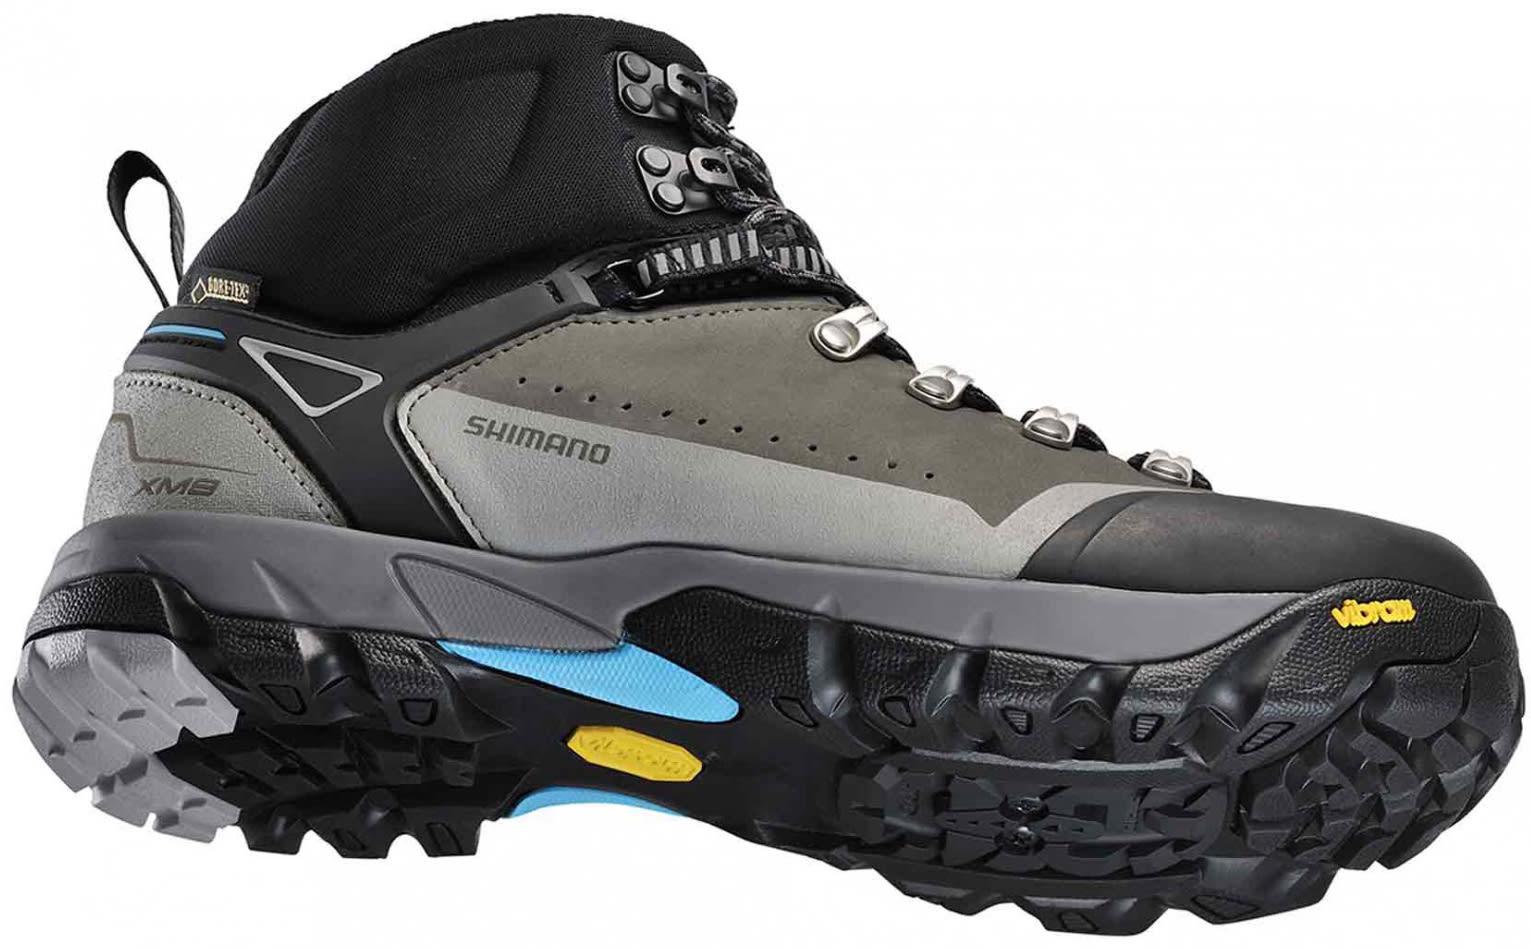 Shimano Sh Xm9 Bike Shoes